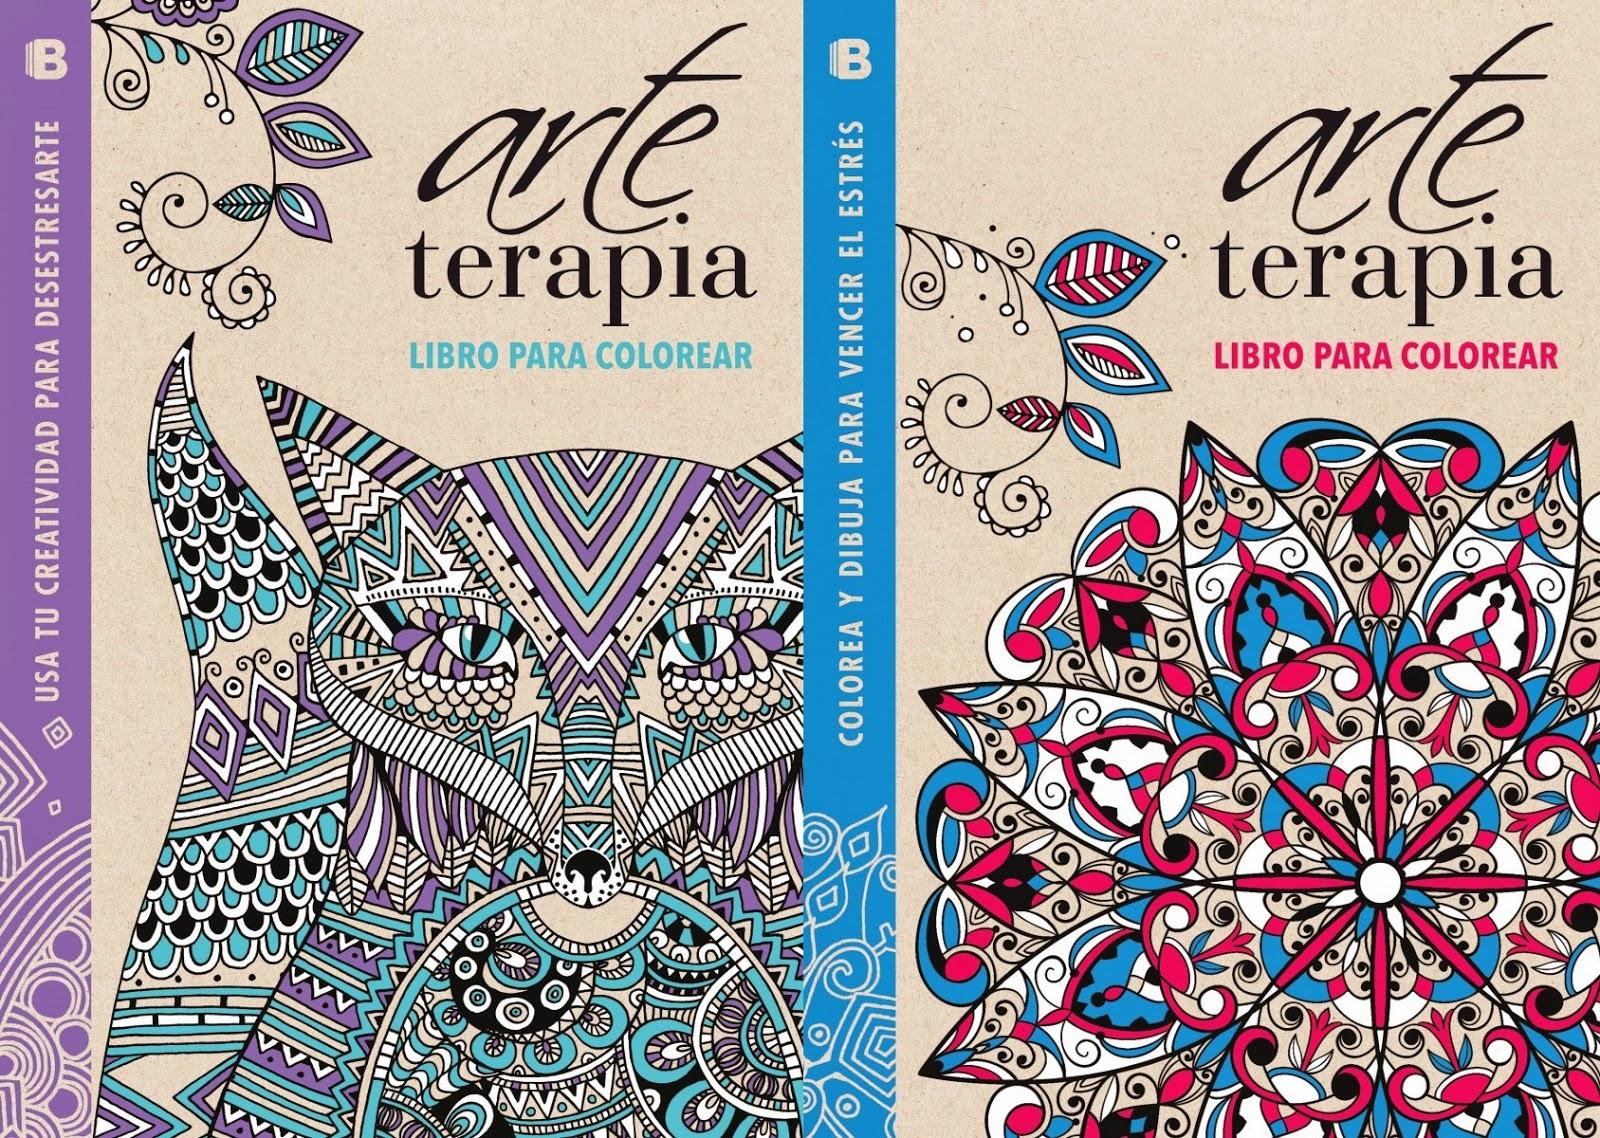 Cientos de miles de historias rese a arteterapia libros Libros de ceramica pdf